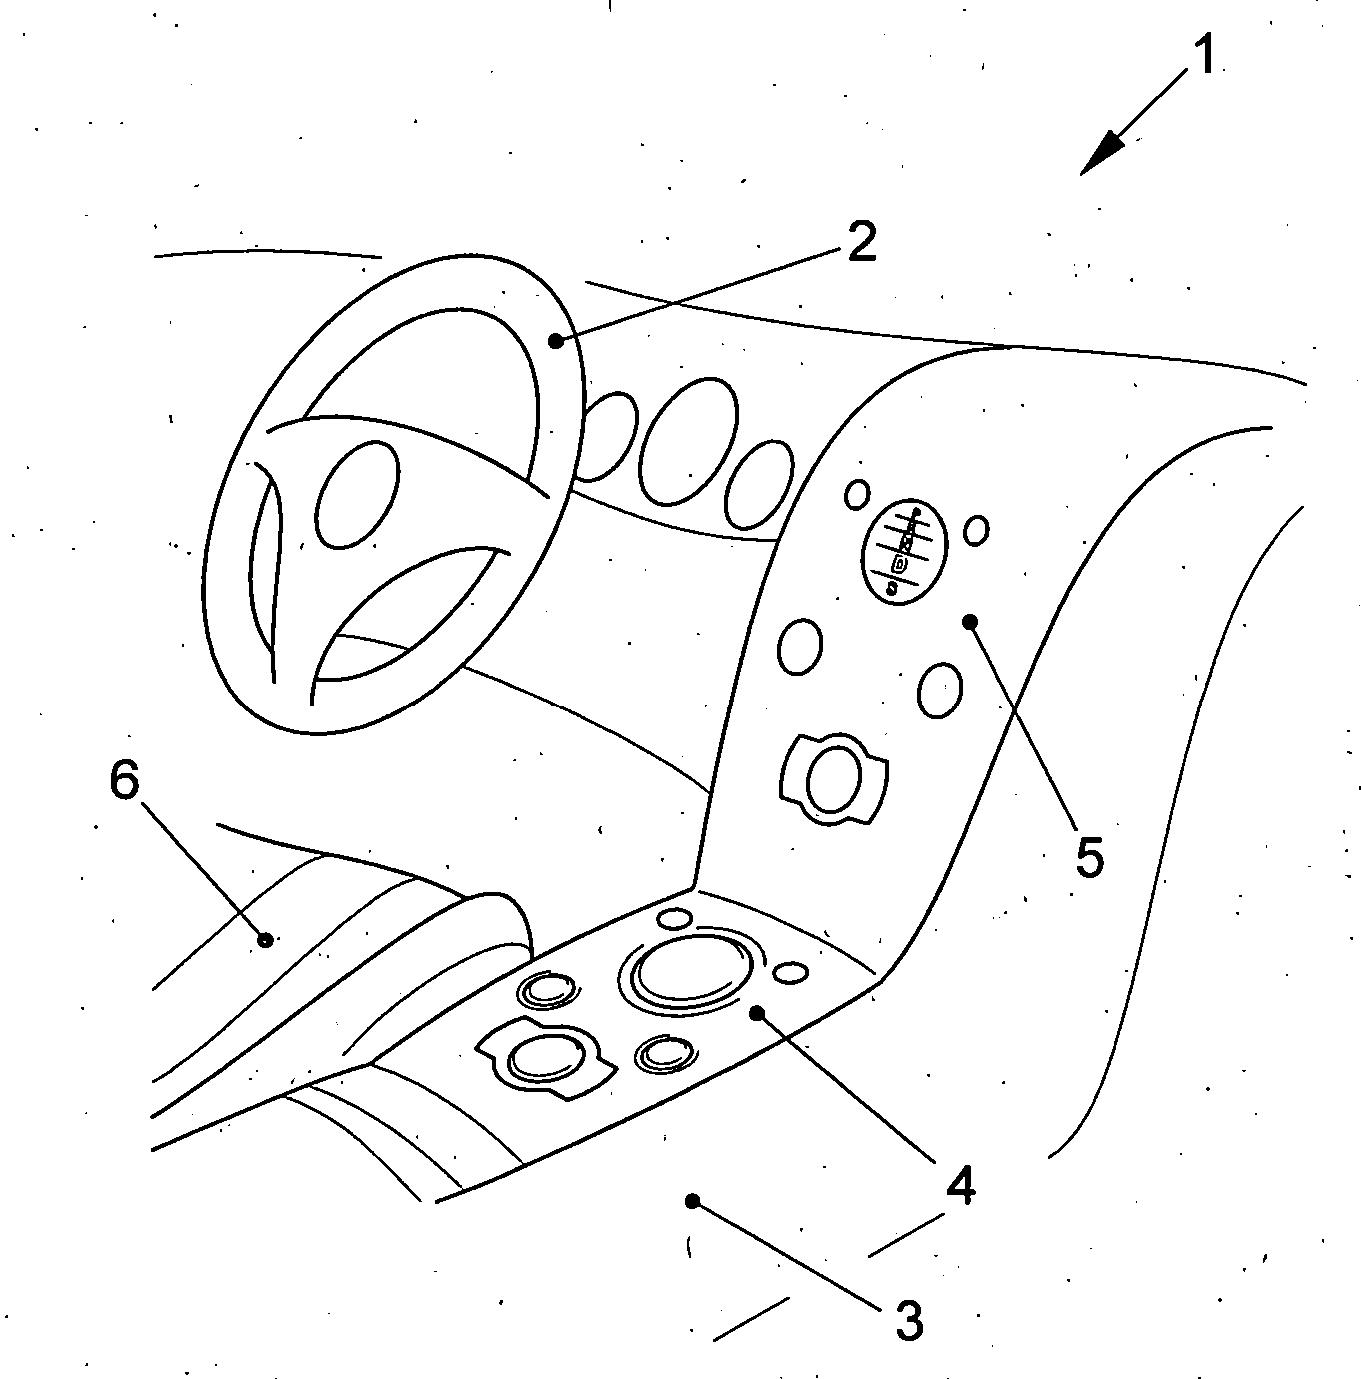 Figure DE102008023405B4_0000